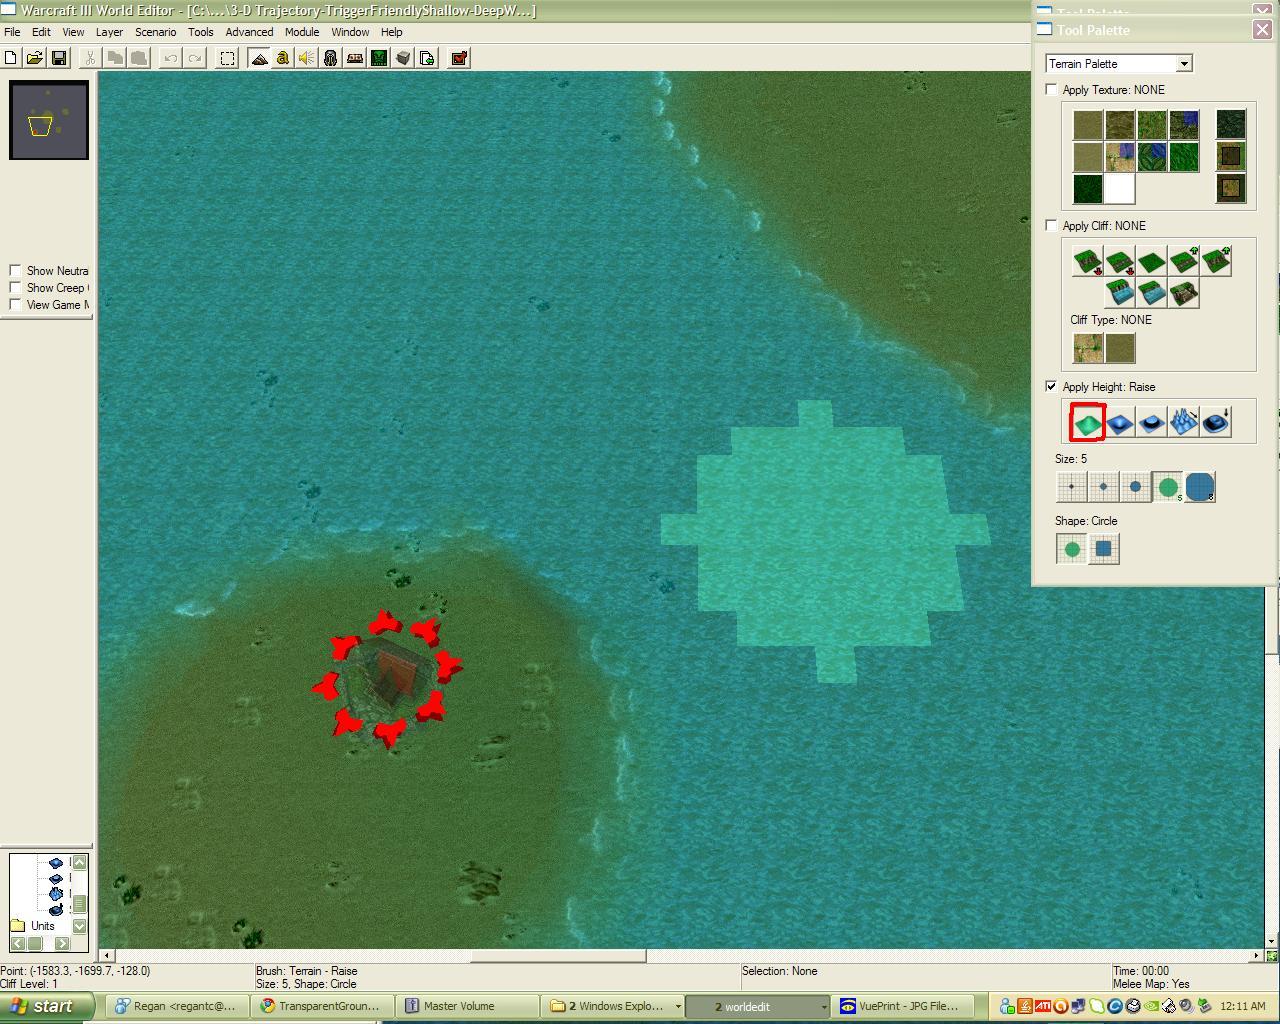 Submerged units hive 2eatethenewislandlandmassesg gumiabroncs Gallery